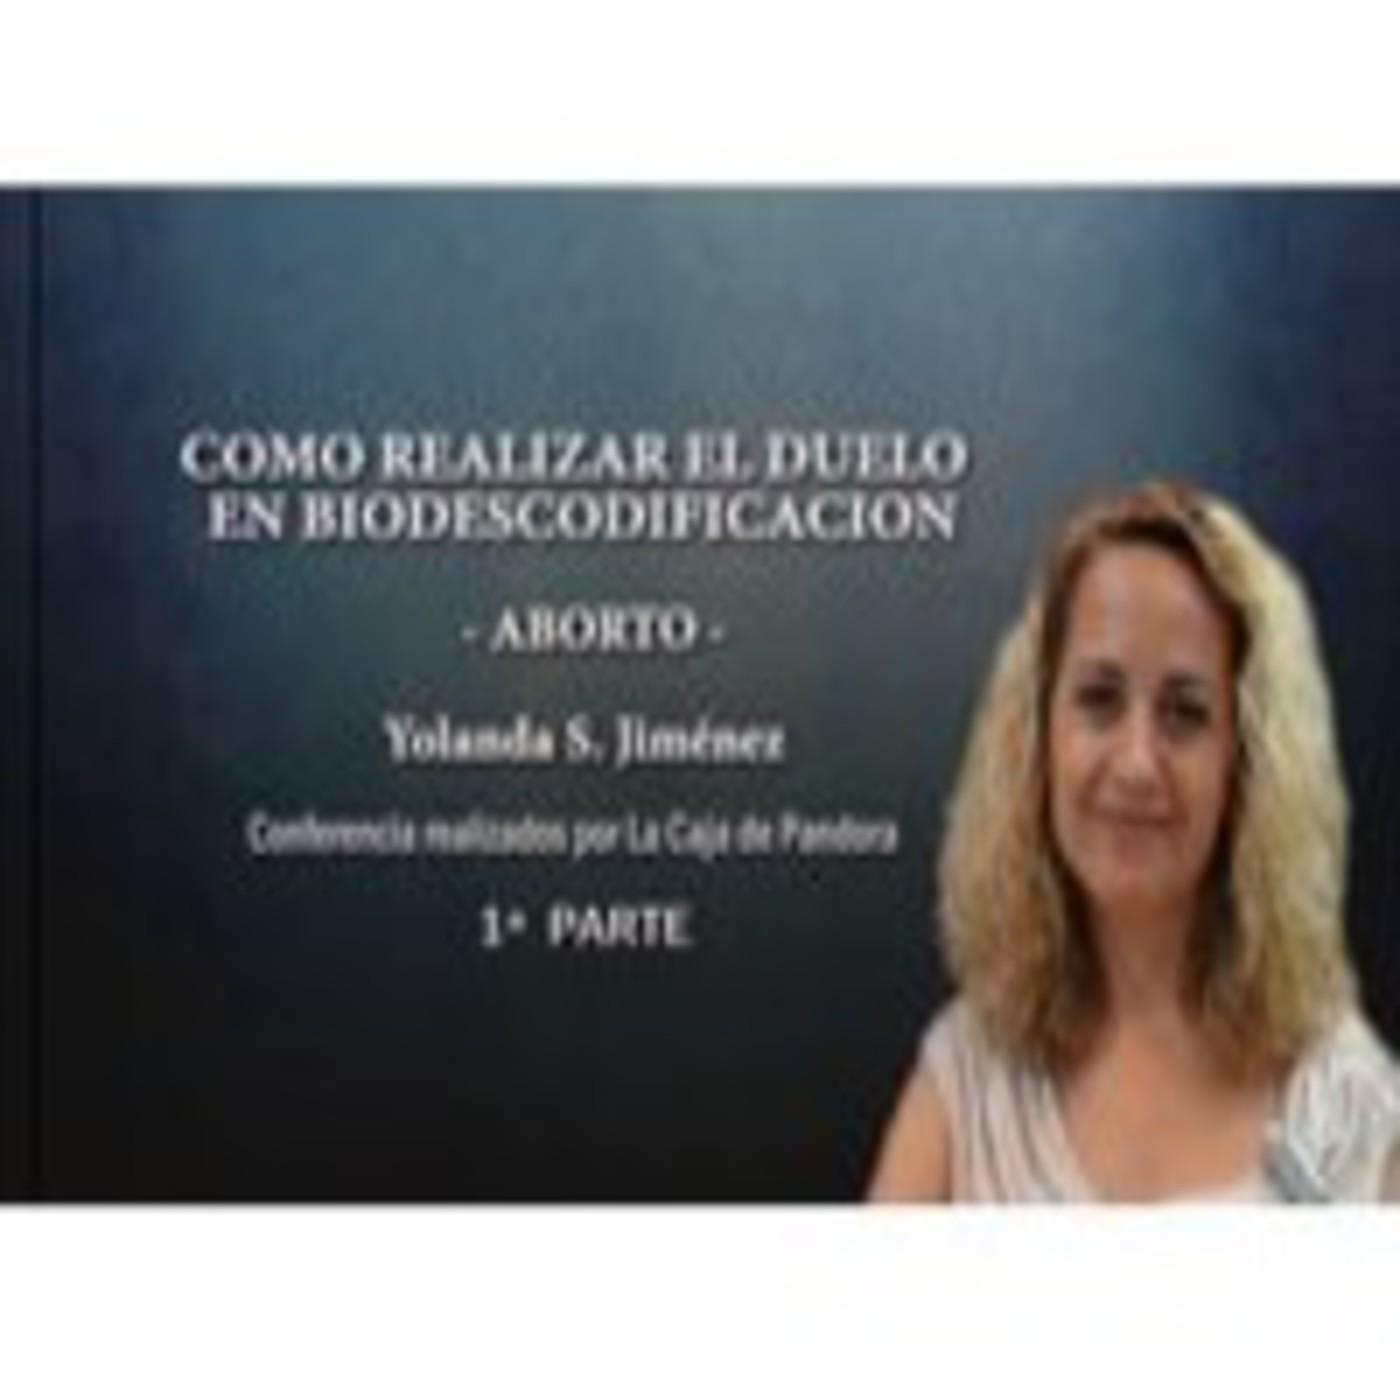 COMO REALIZAR EL DUELO EN BIODESCODIFICACION - ABORTO - Yolanda S Jiménez